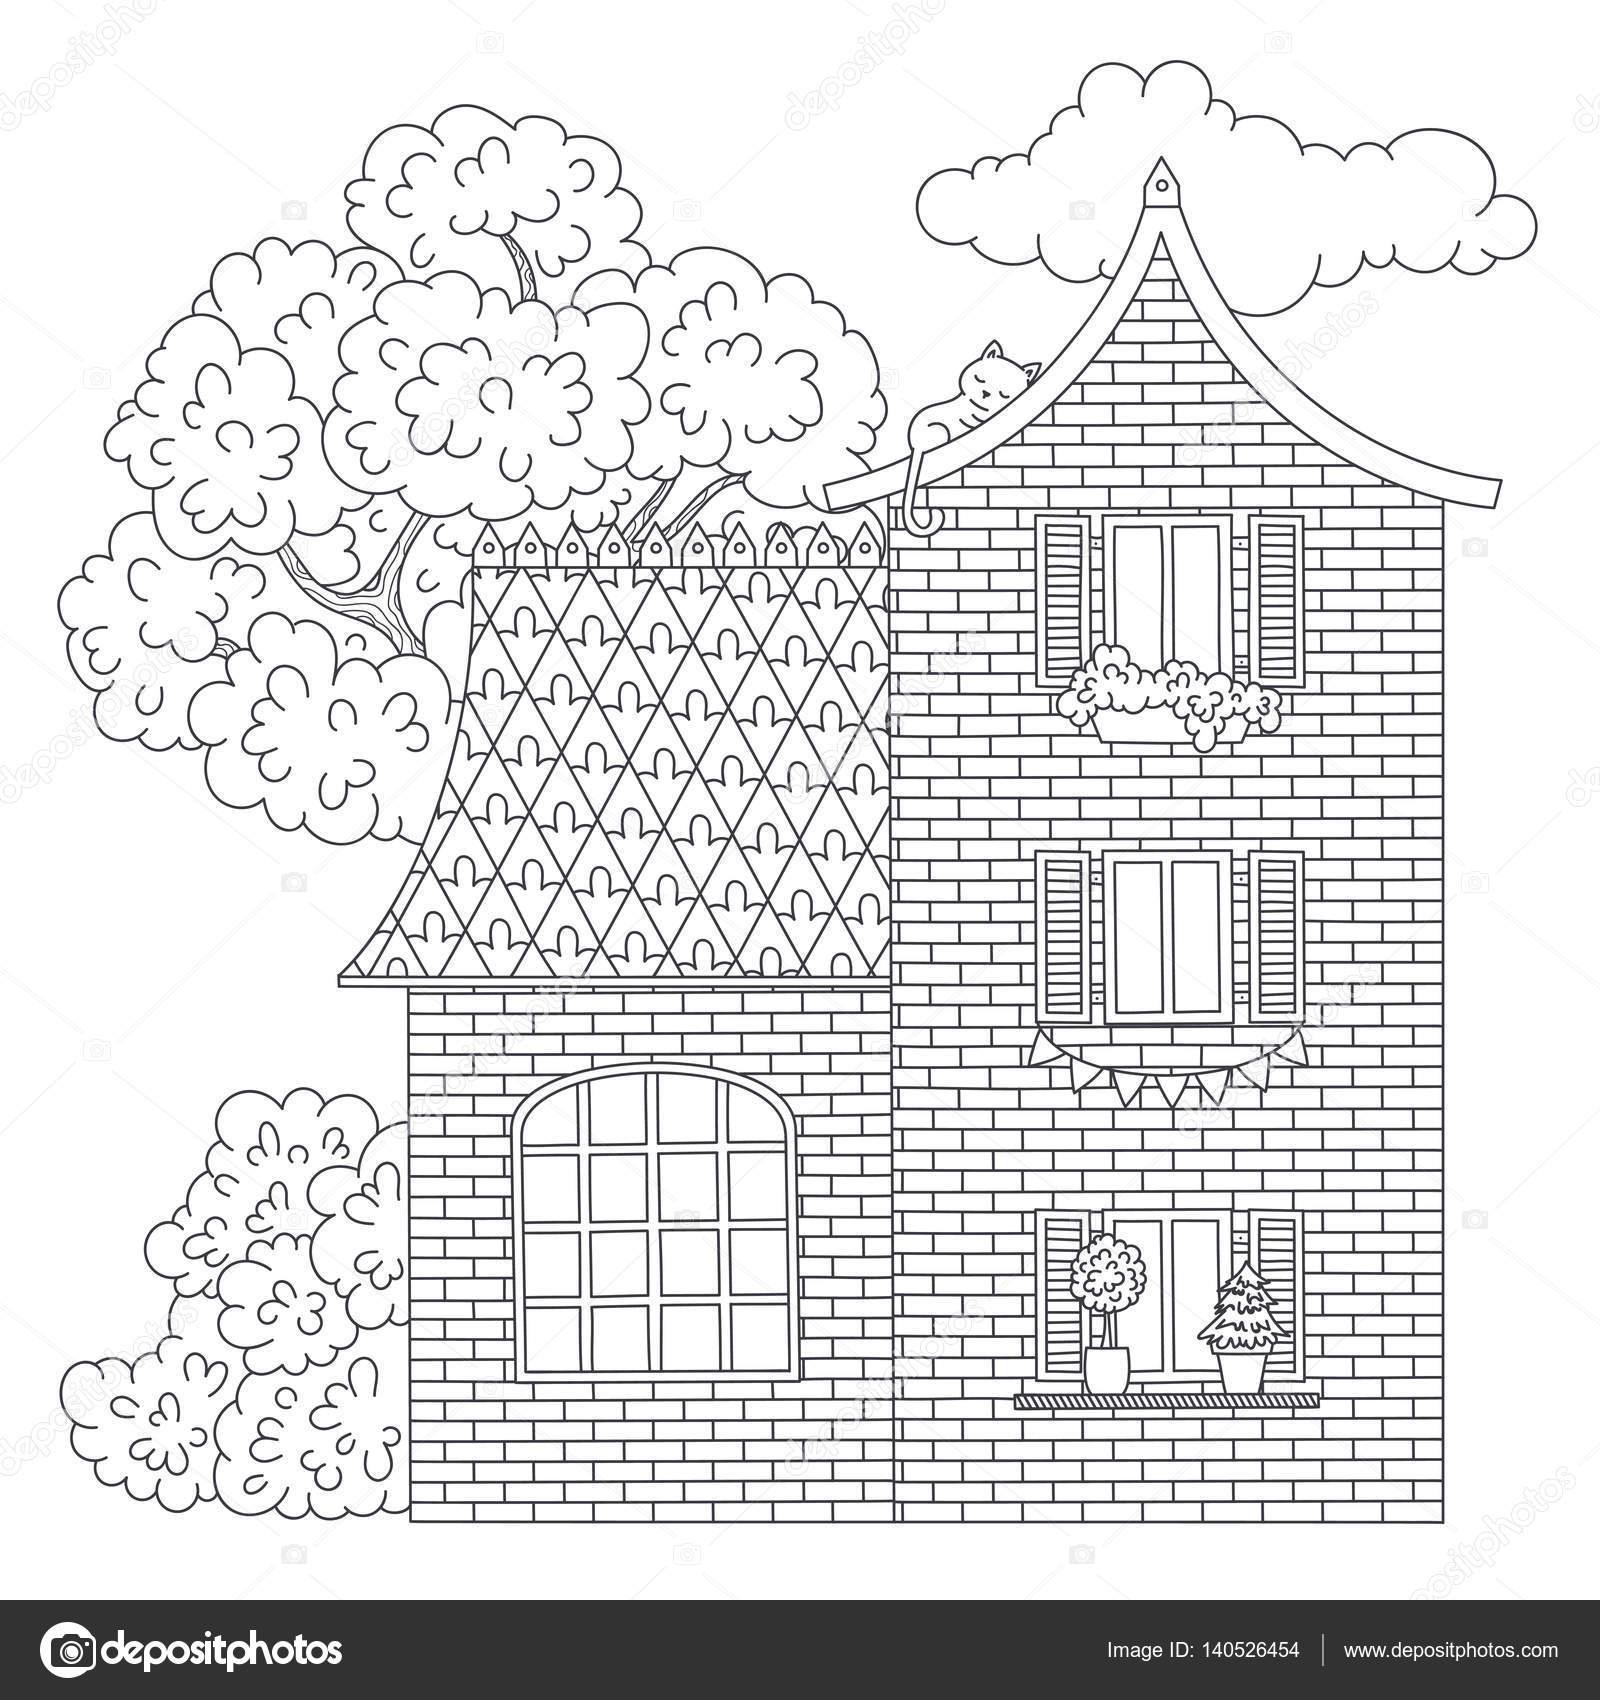 Malvorlagen Haus — Stockvektor © Natalie-art #140526454